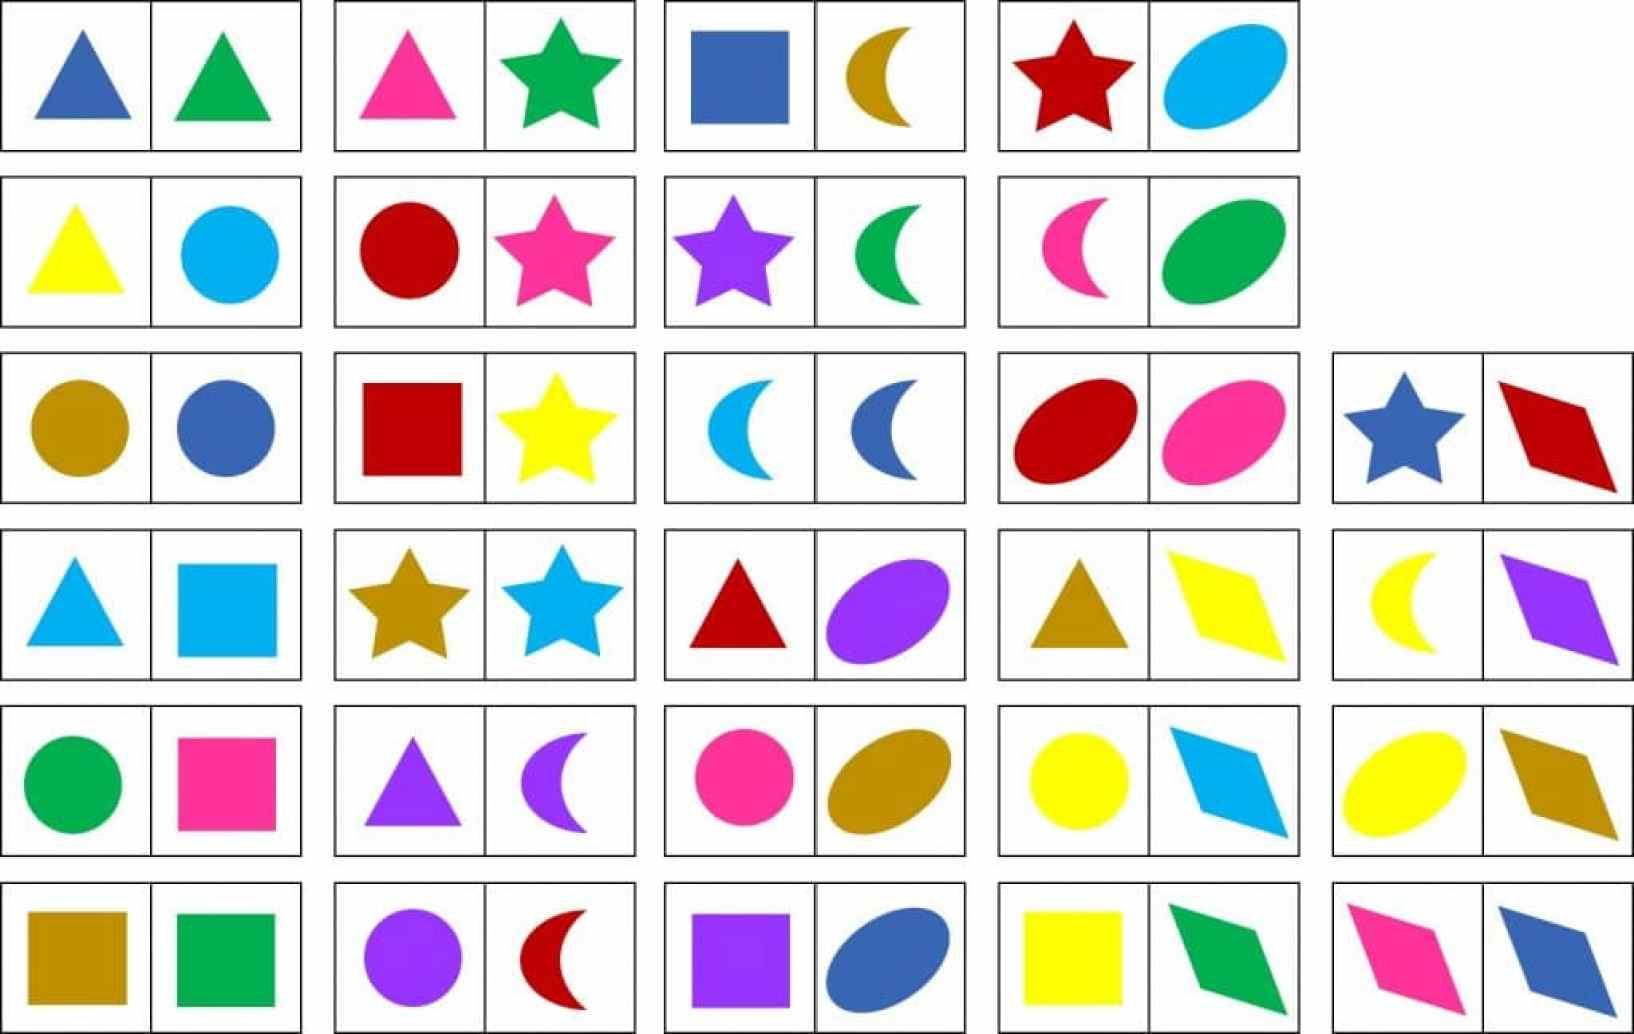 5 Dominos Descargables Para Educacion Infantil Numeros Formas Y